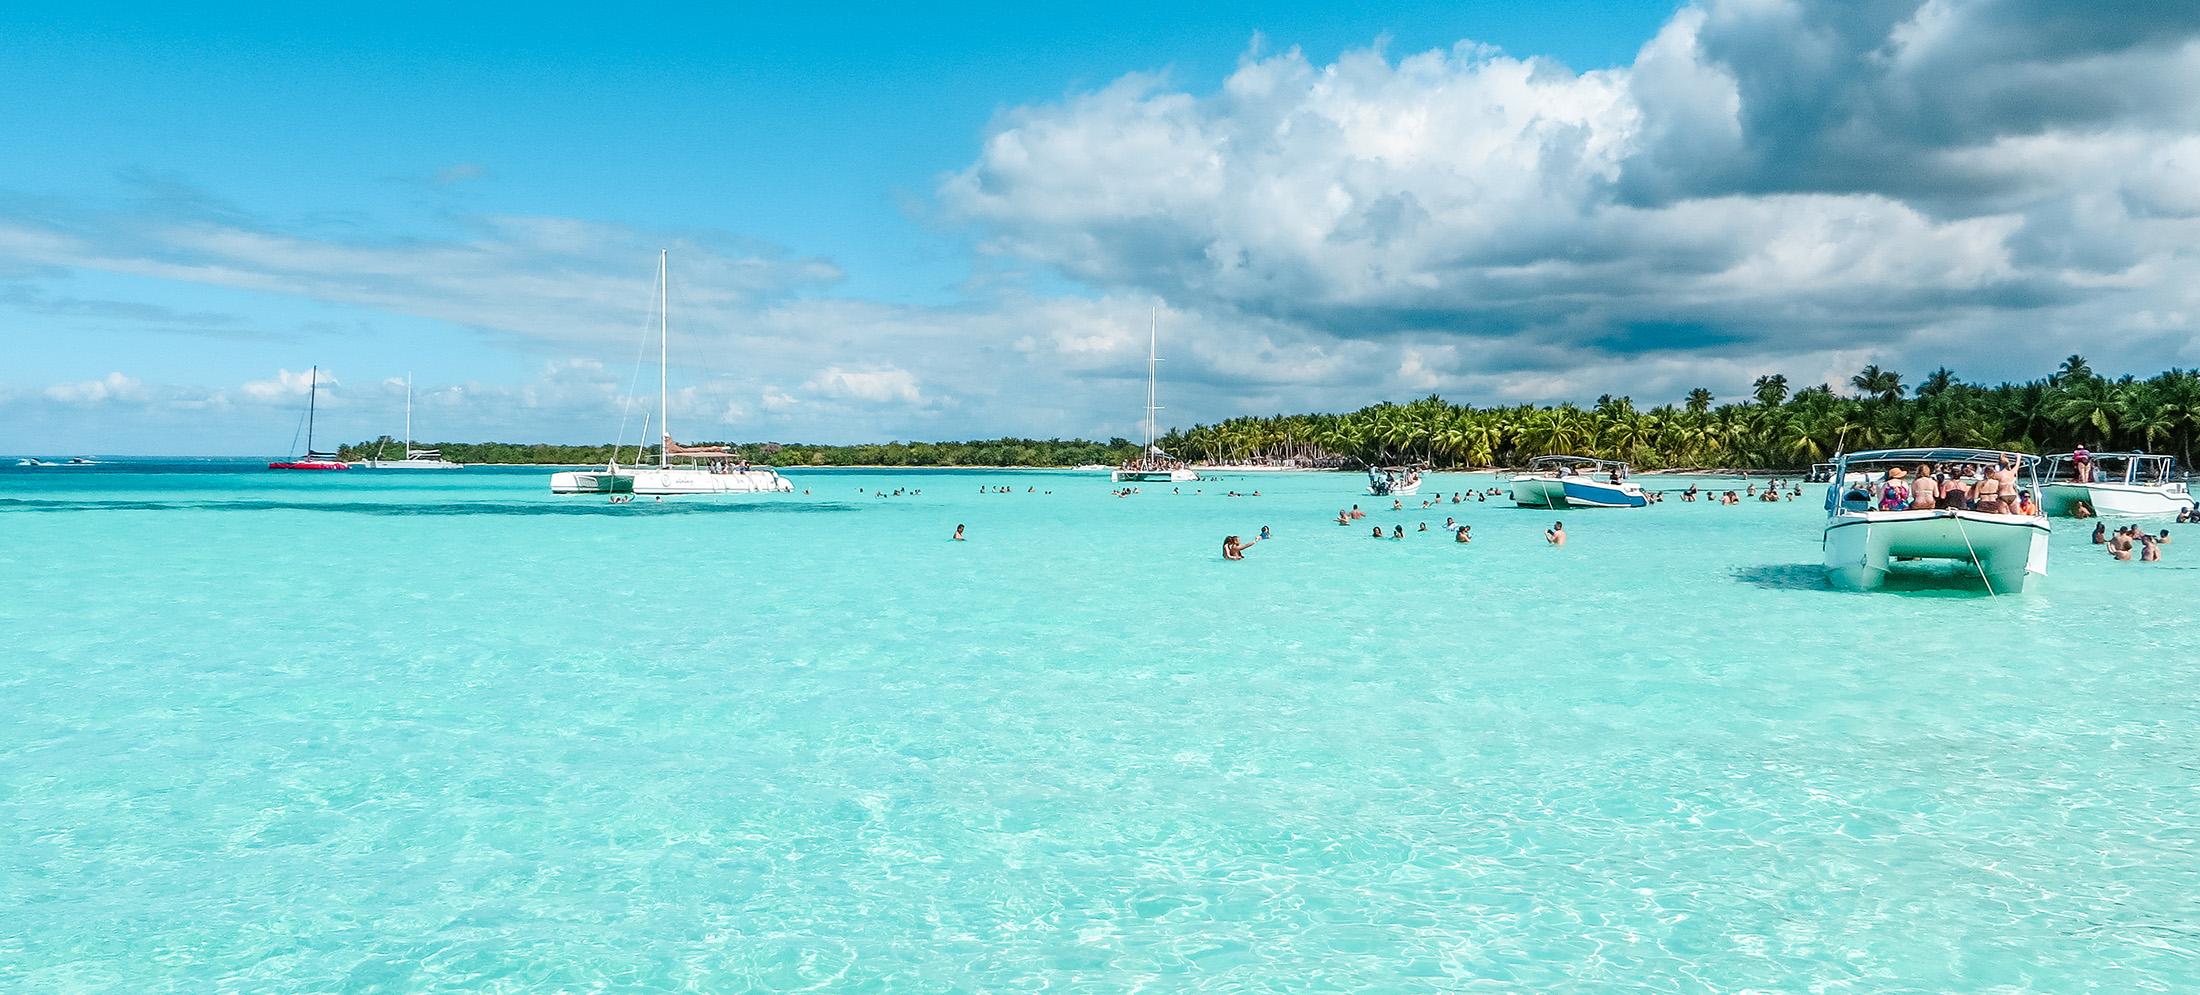 Министерство туризма Доминиканы запретило морские экскурсии на время Семана Санты